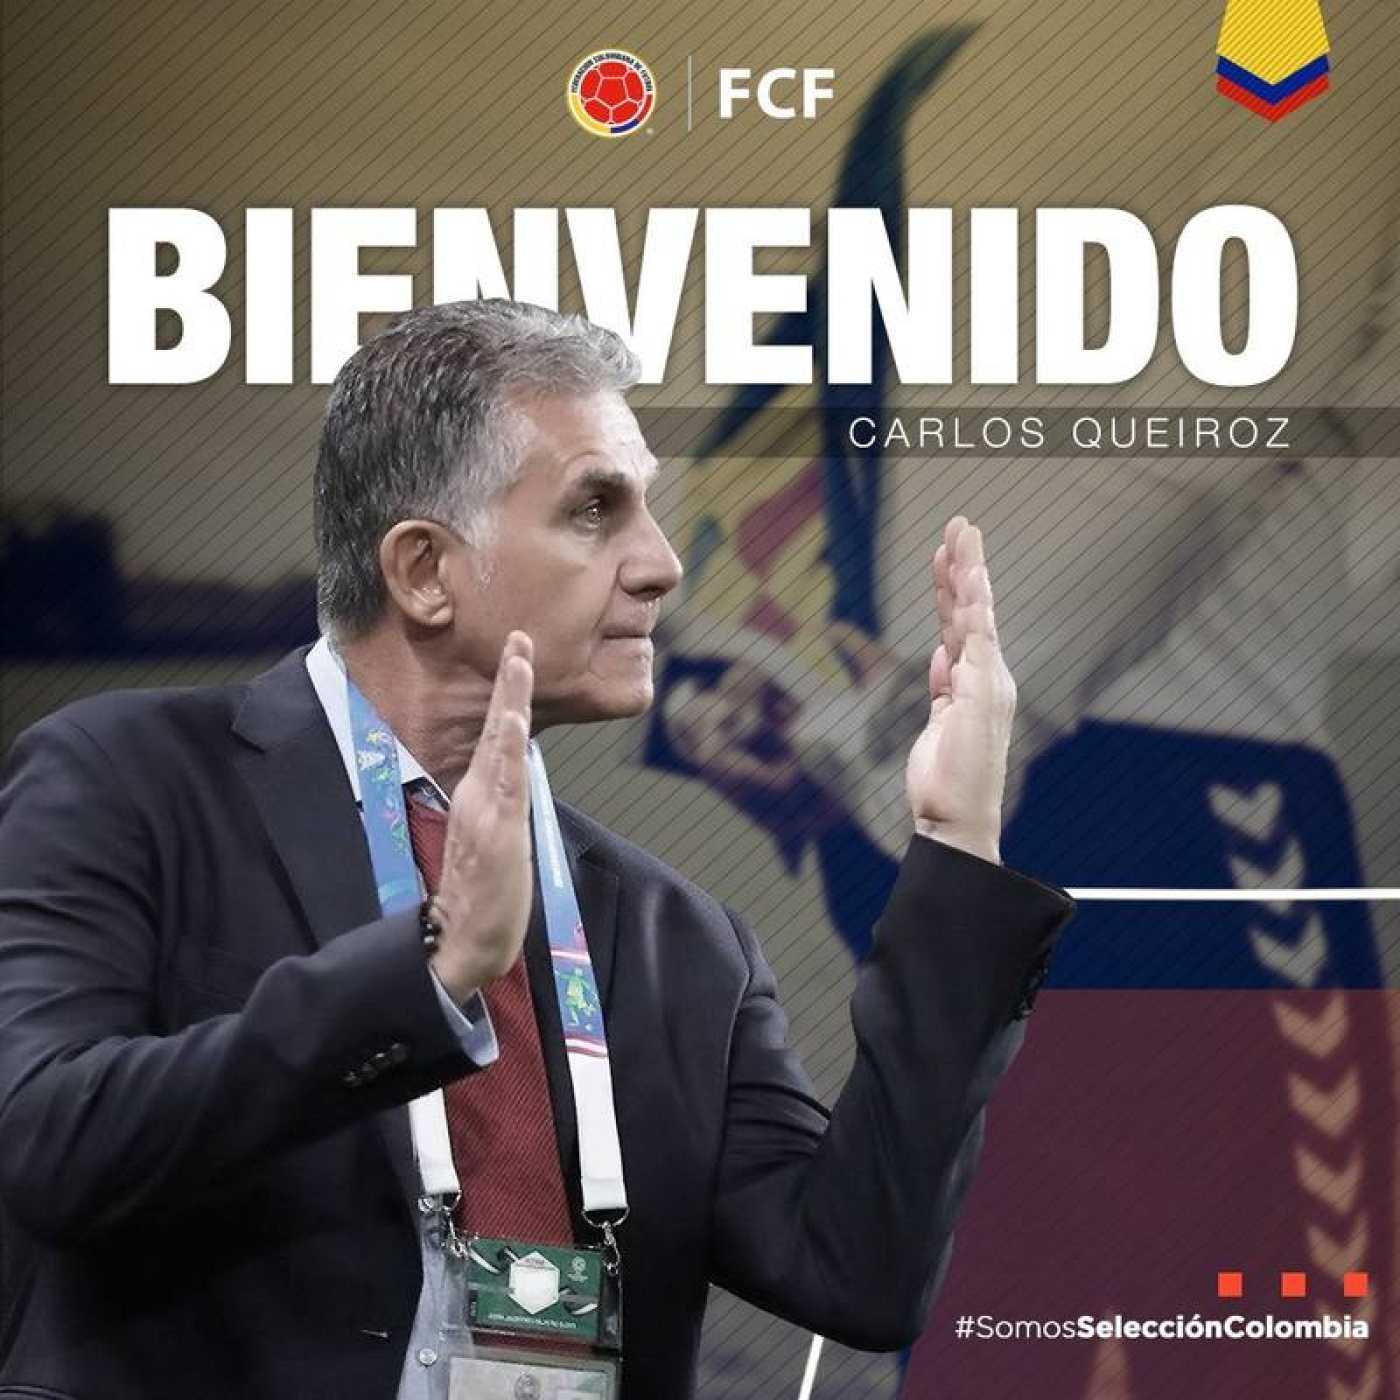 Imagen publicada por la federación colombiana para anunciar el fichaje de Queiroz.